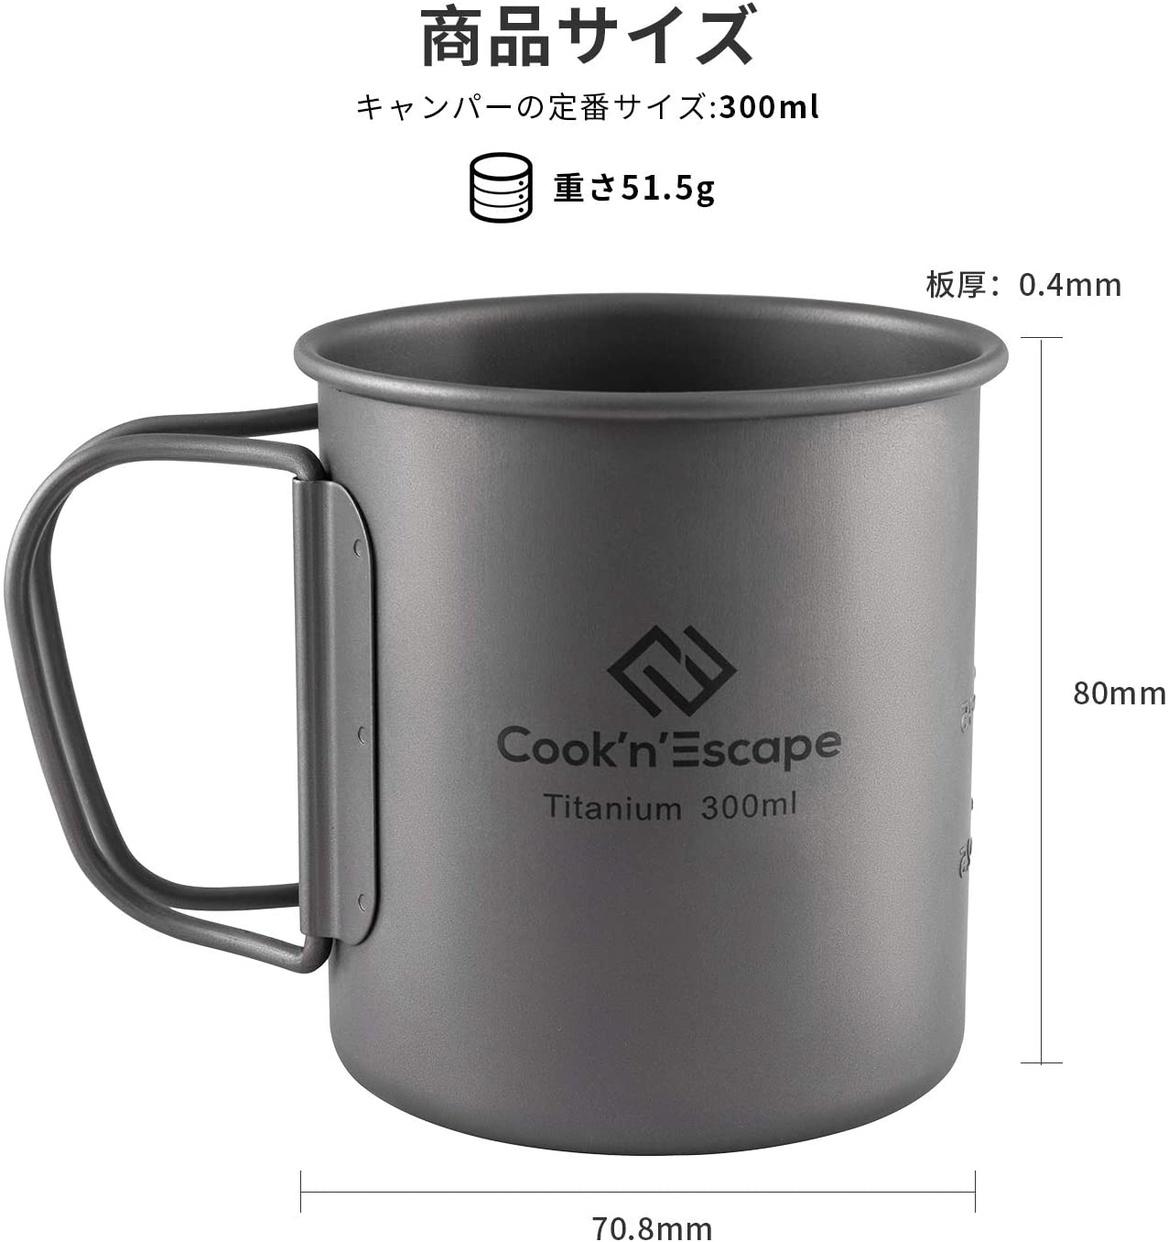 COOK'N'ESCAPE(コックンエスケープ) アウトドア用マグカップの商品画像2